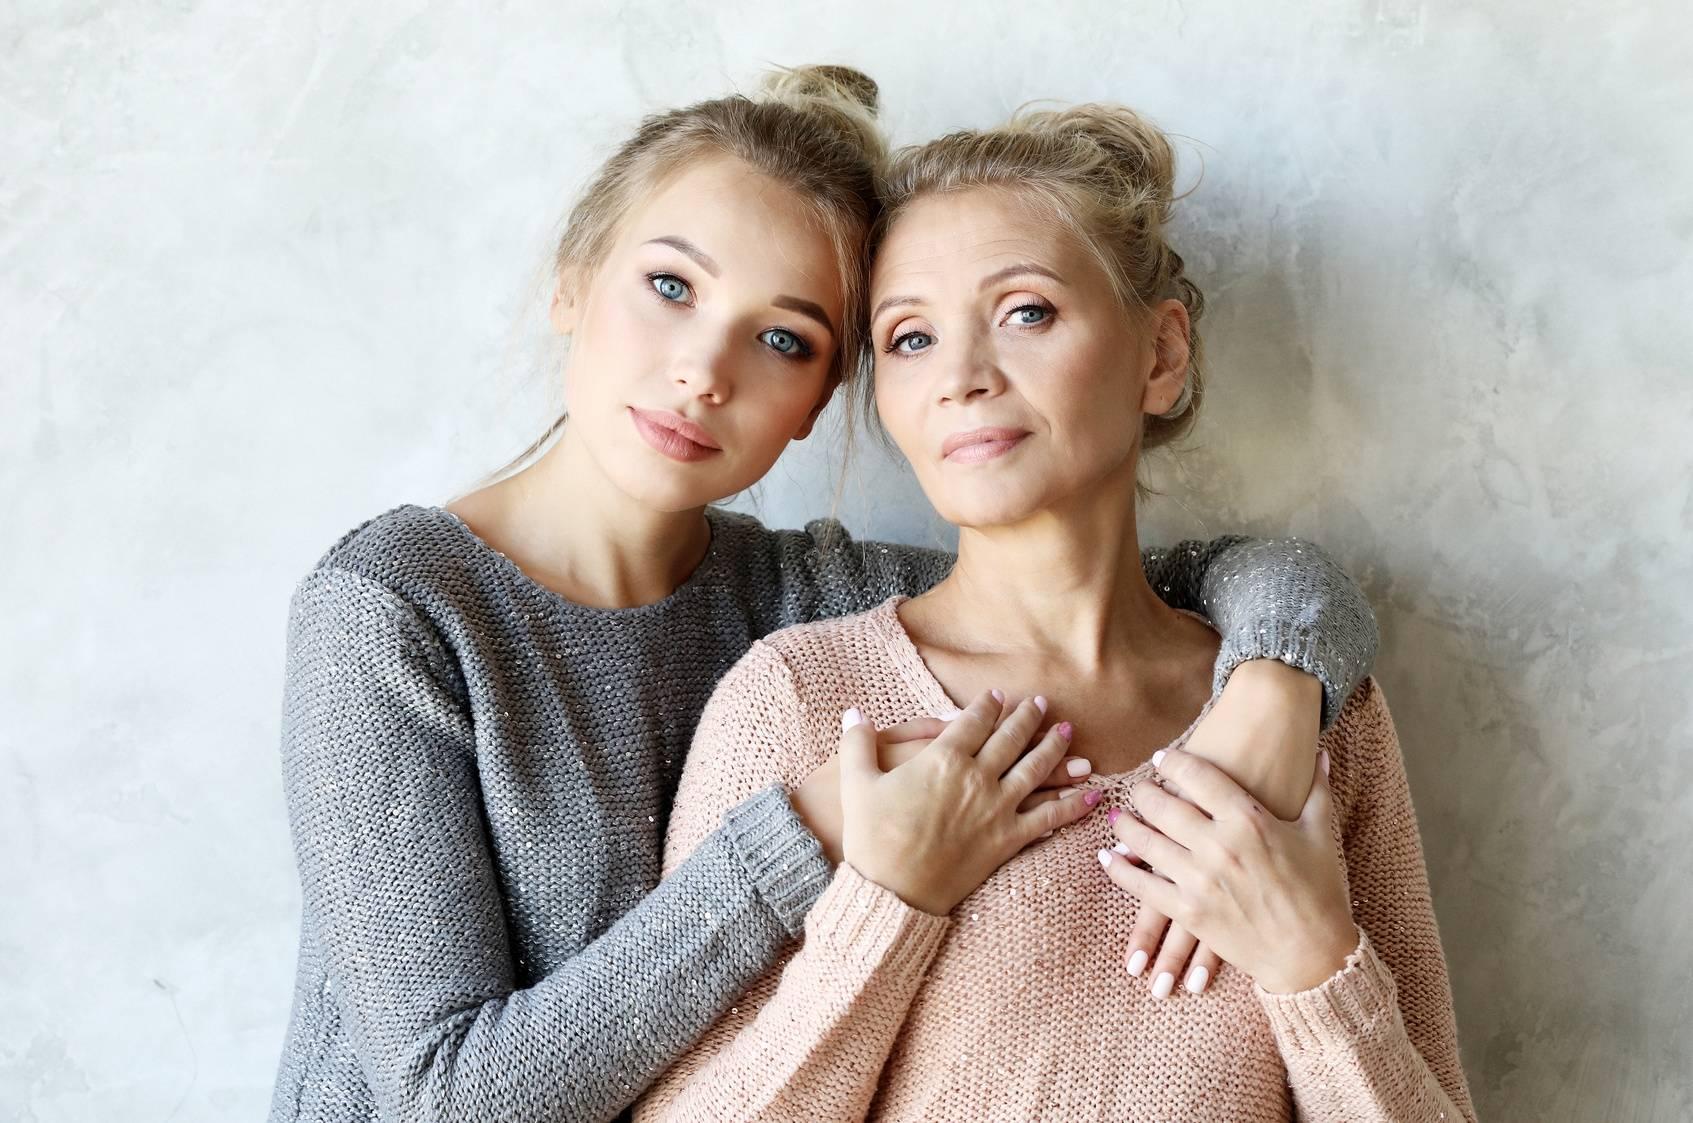 Relacje matka i córka - gdy dziecko się usamodzielnia.